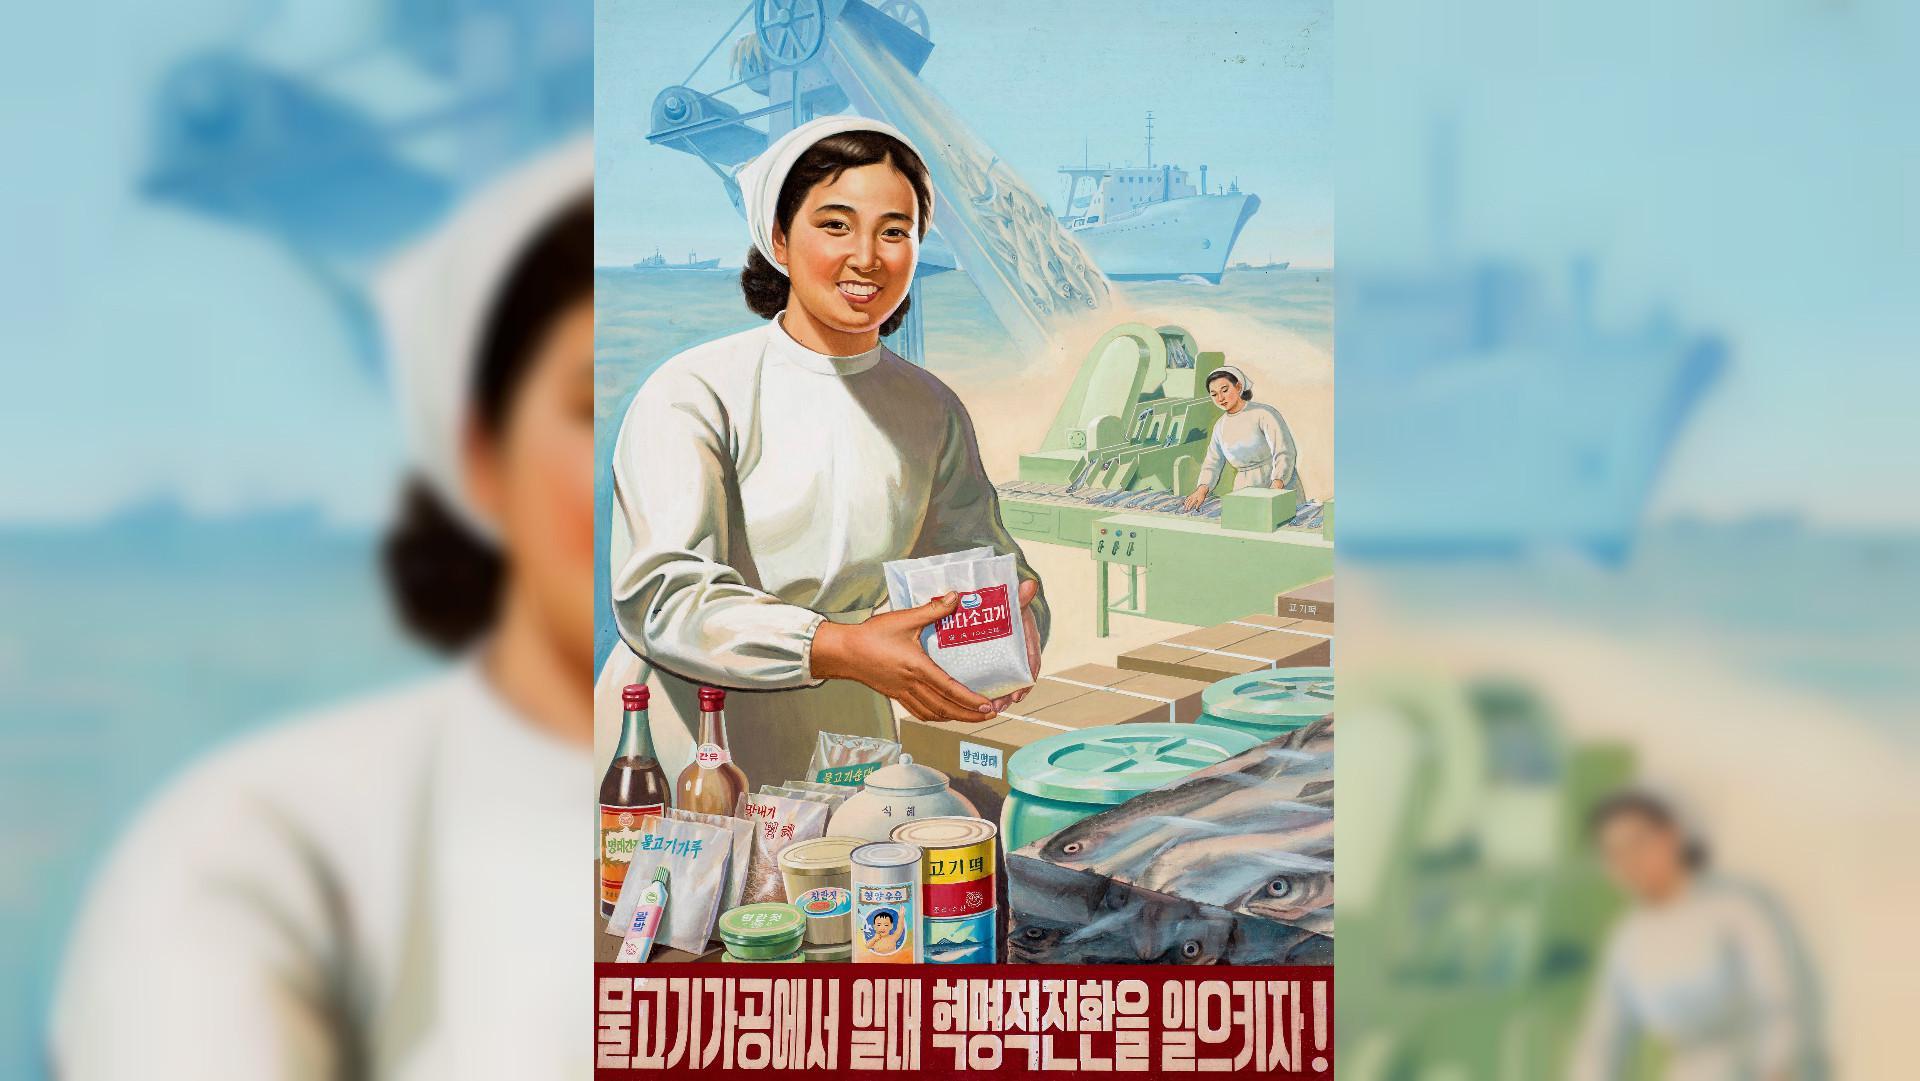 Karya seni grafis Korea Utara koleksi Nicholas Bonner yang akan dipamerkan di London pada Februari 2018 (Nicholas Bonner via The House of Illustration.org)